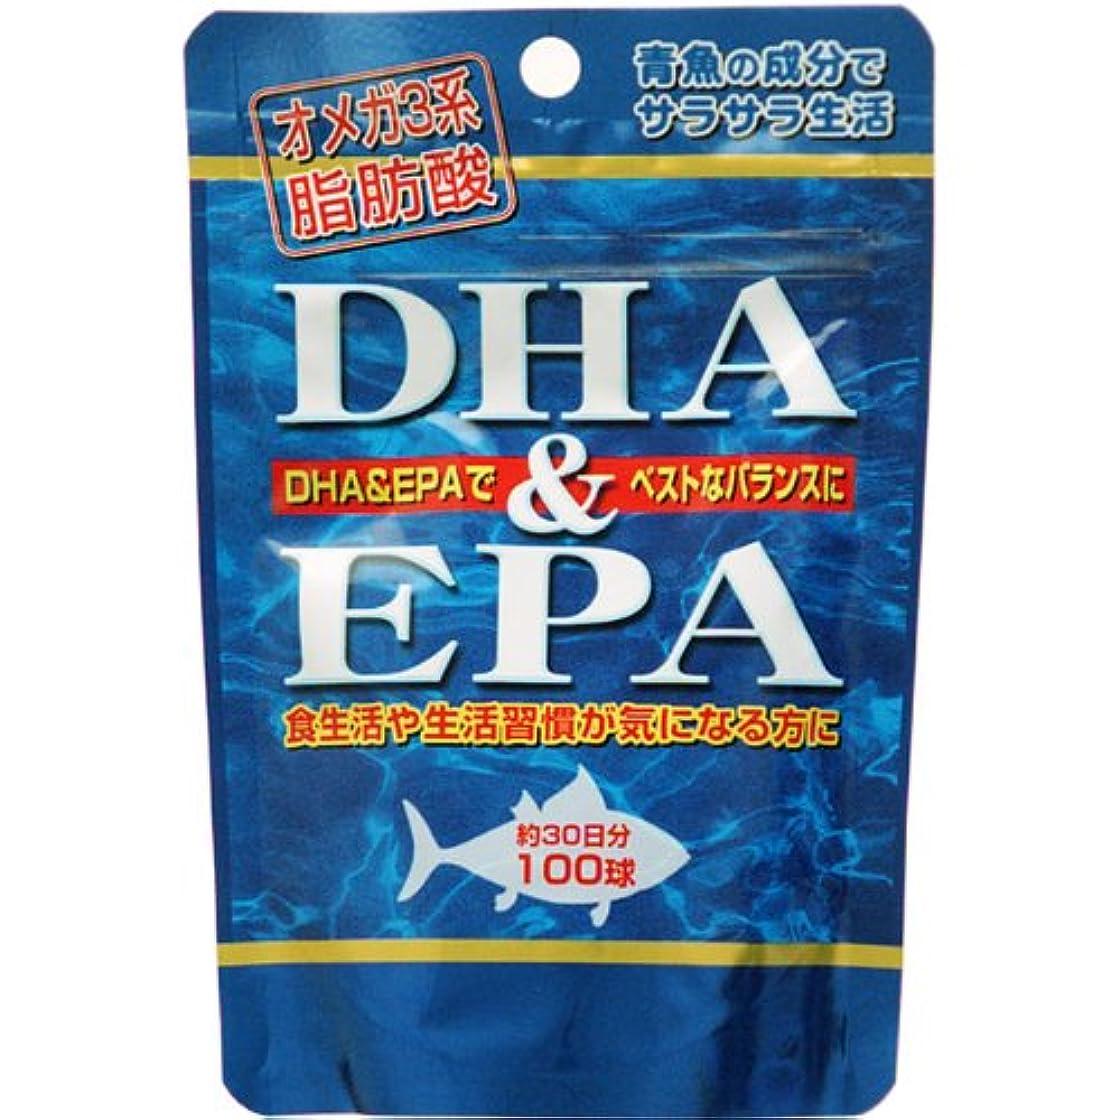 竜巻旧正月ホテルDHA(ドコサヘキサエン酸)&EPA(エイコサペンタエン酸)×4